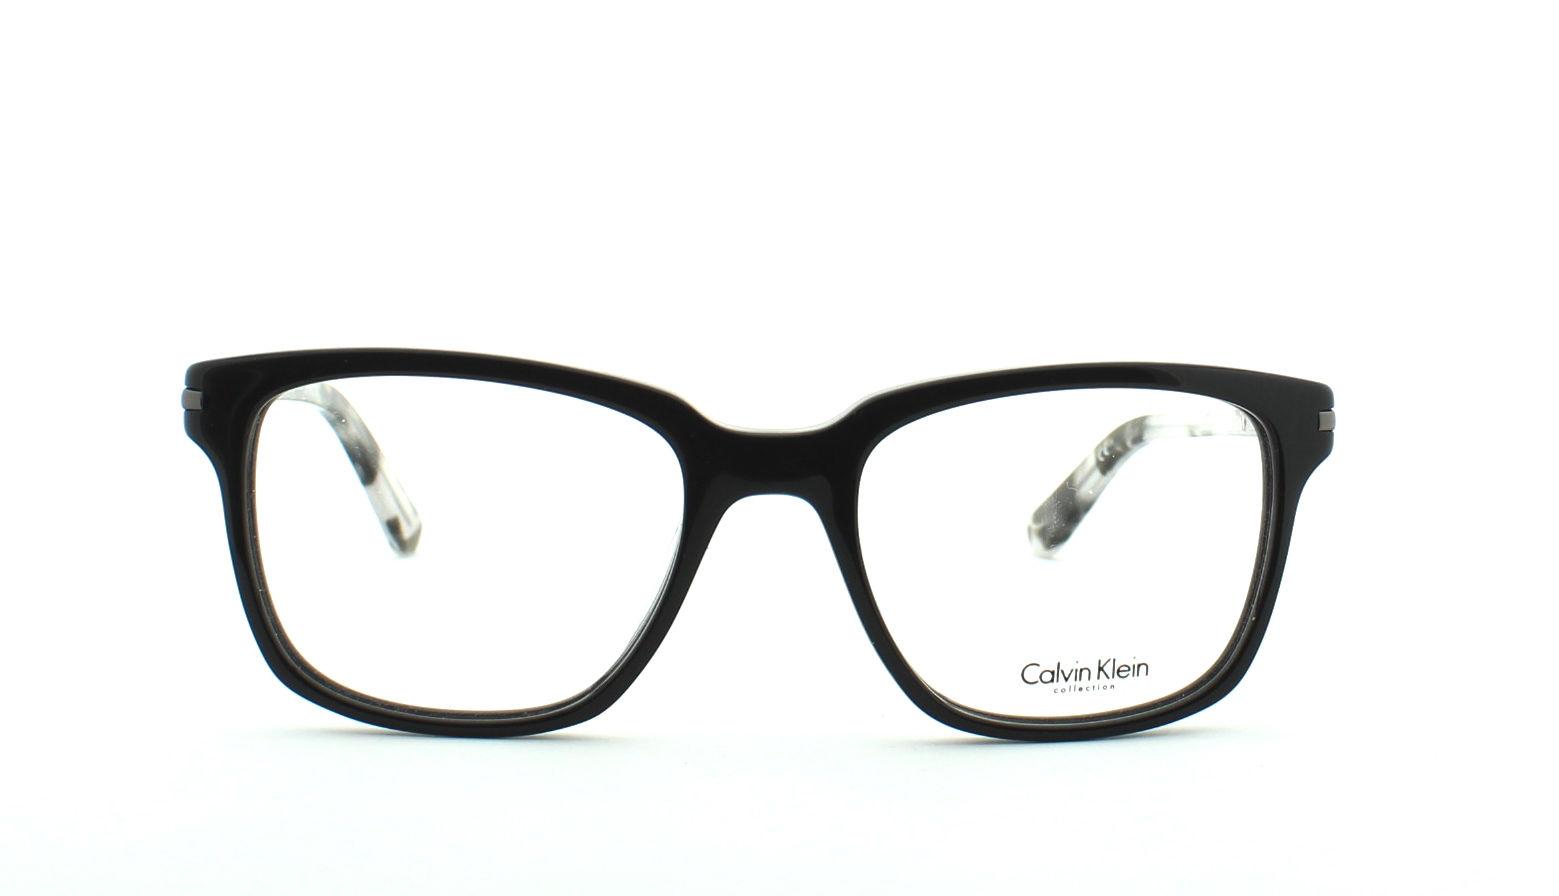 CALVIN KLEIN model CK7992 col.001